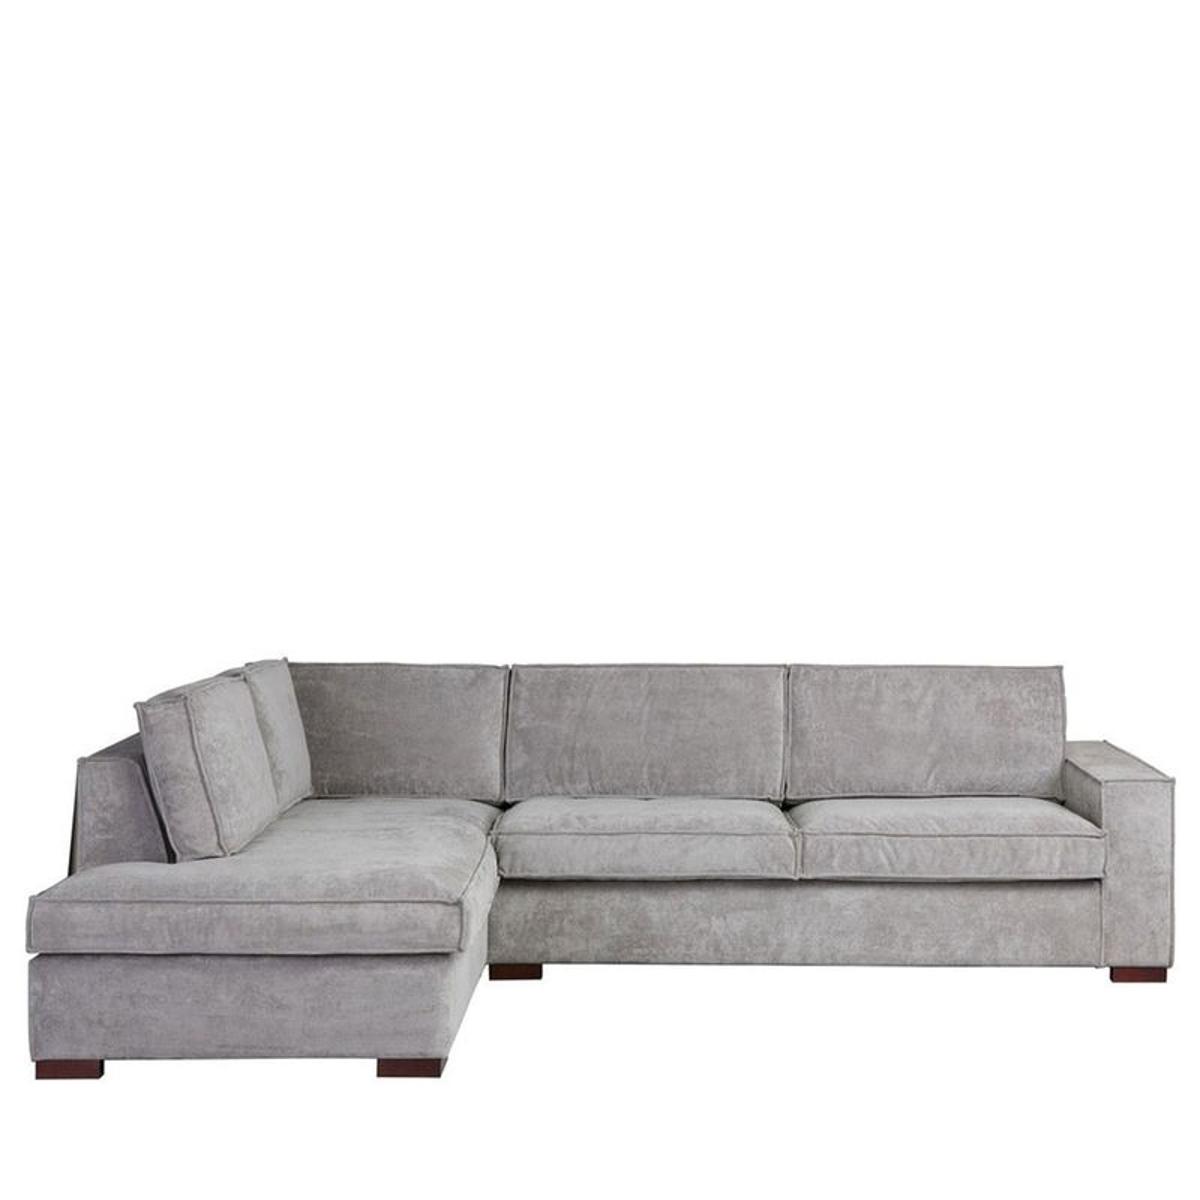 Thomas - canapé d'angle sur le canapé gauche en carton ondulé